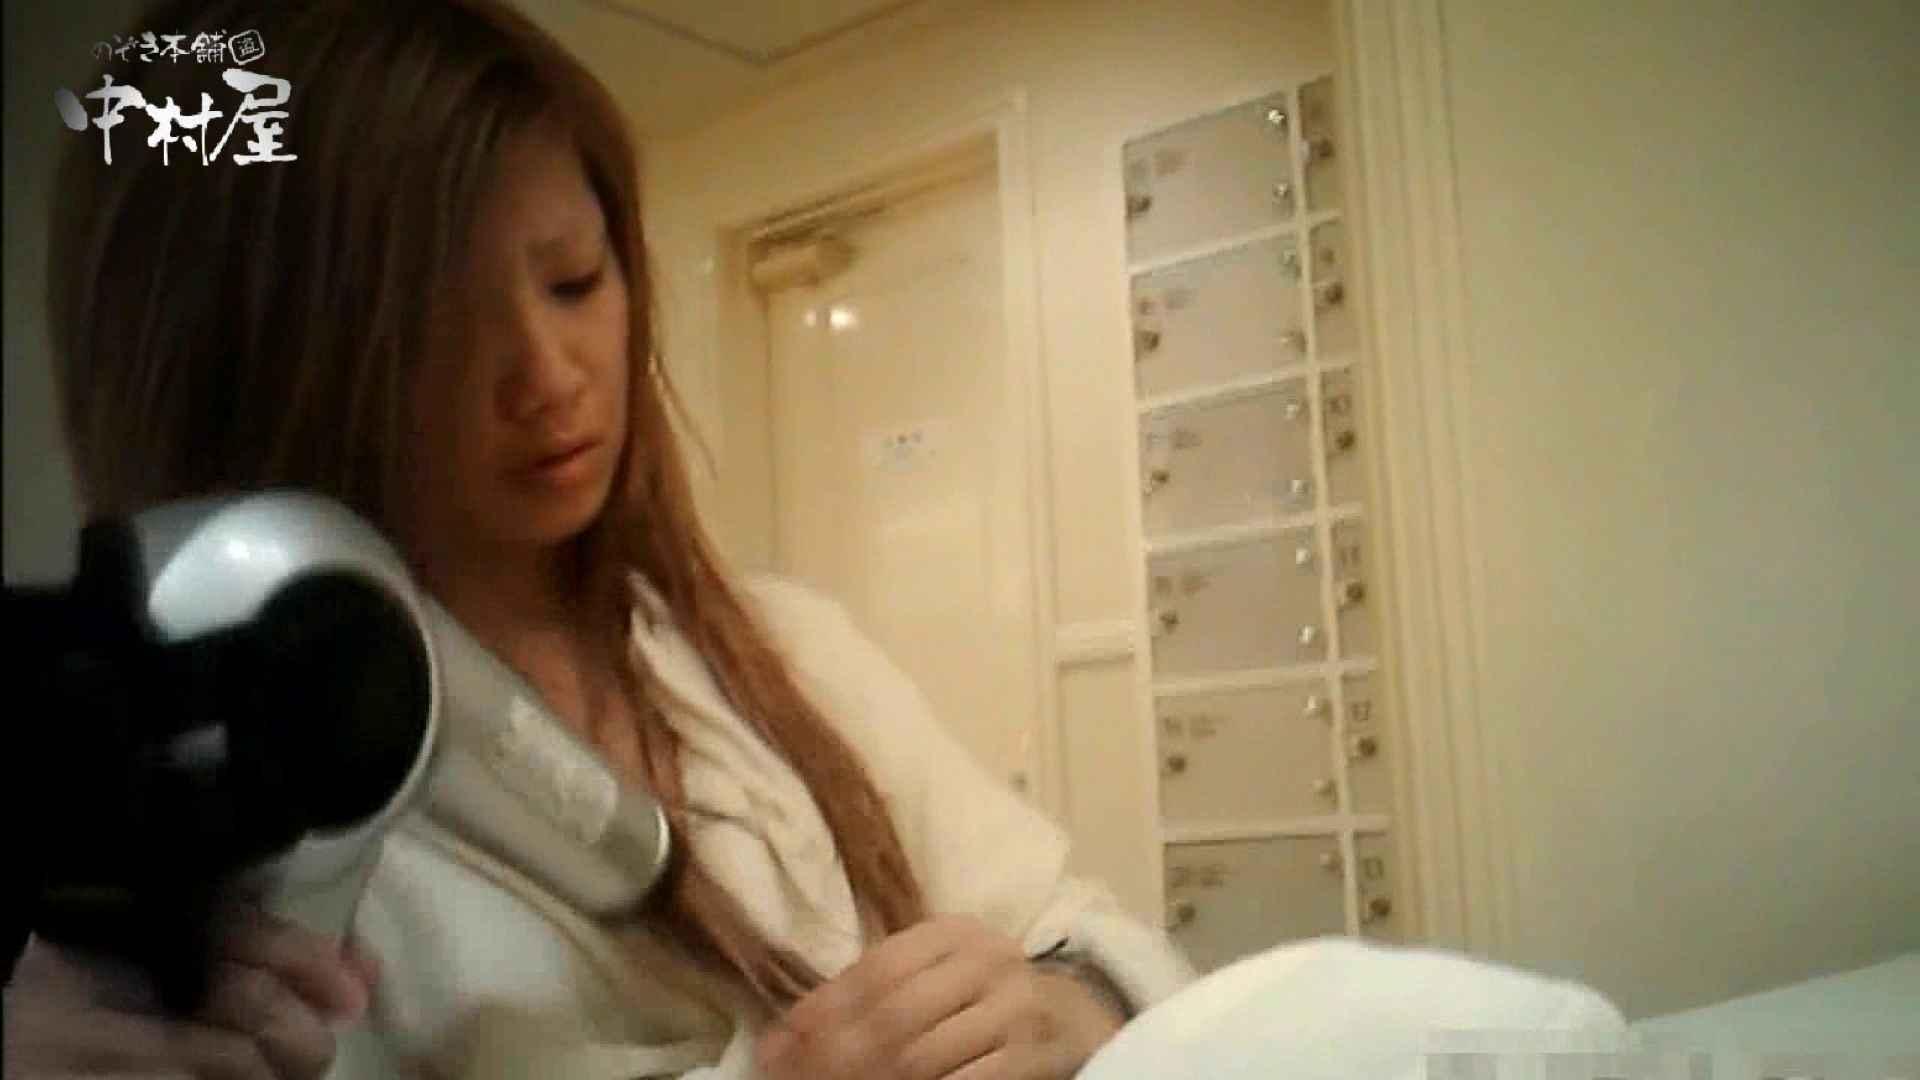 欲望 リアルドール Case.07 Mちゃん19歳 巨乳ギャル 巨乳   女子大生丸裸  89pic 85